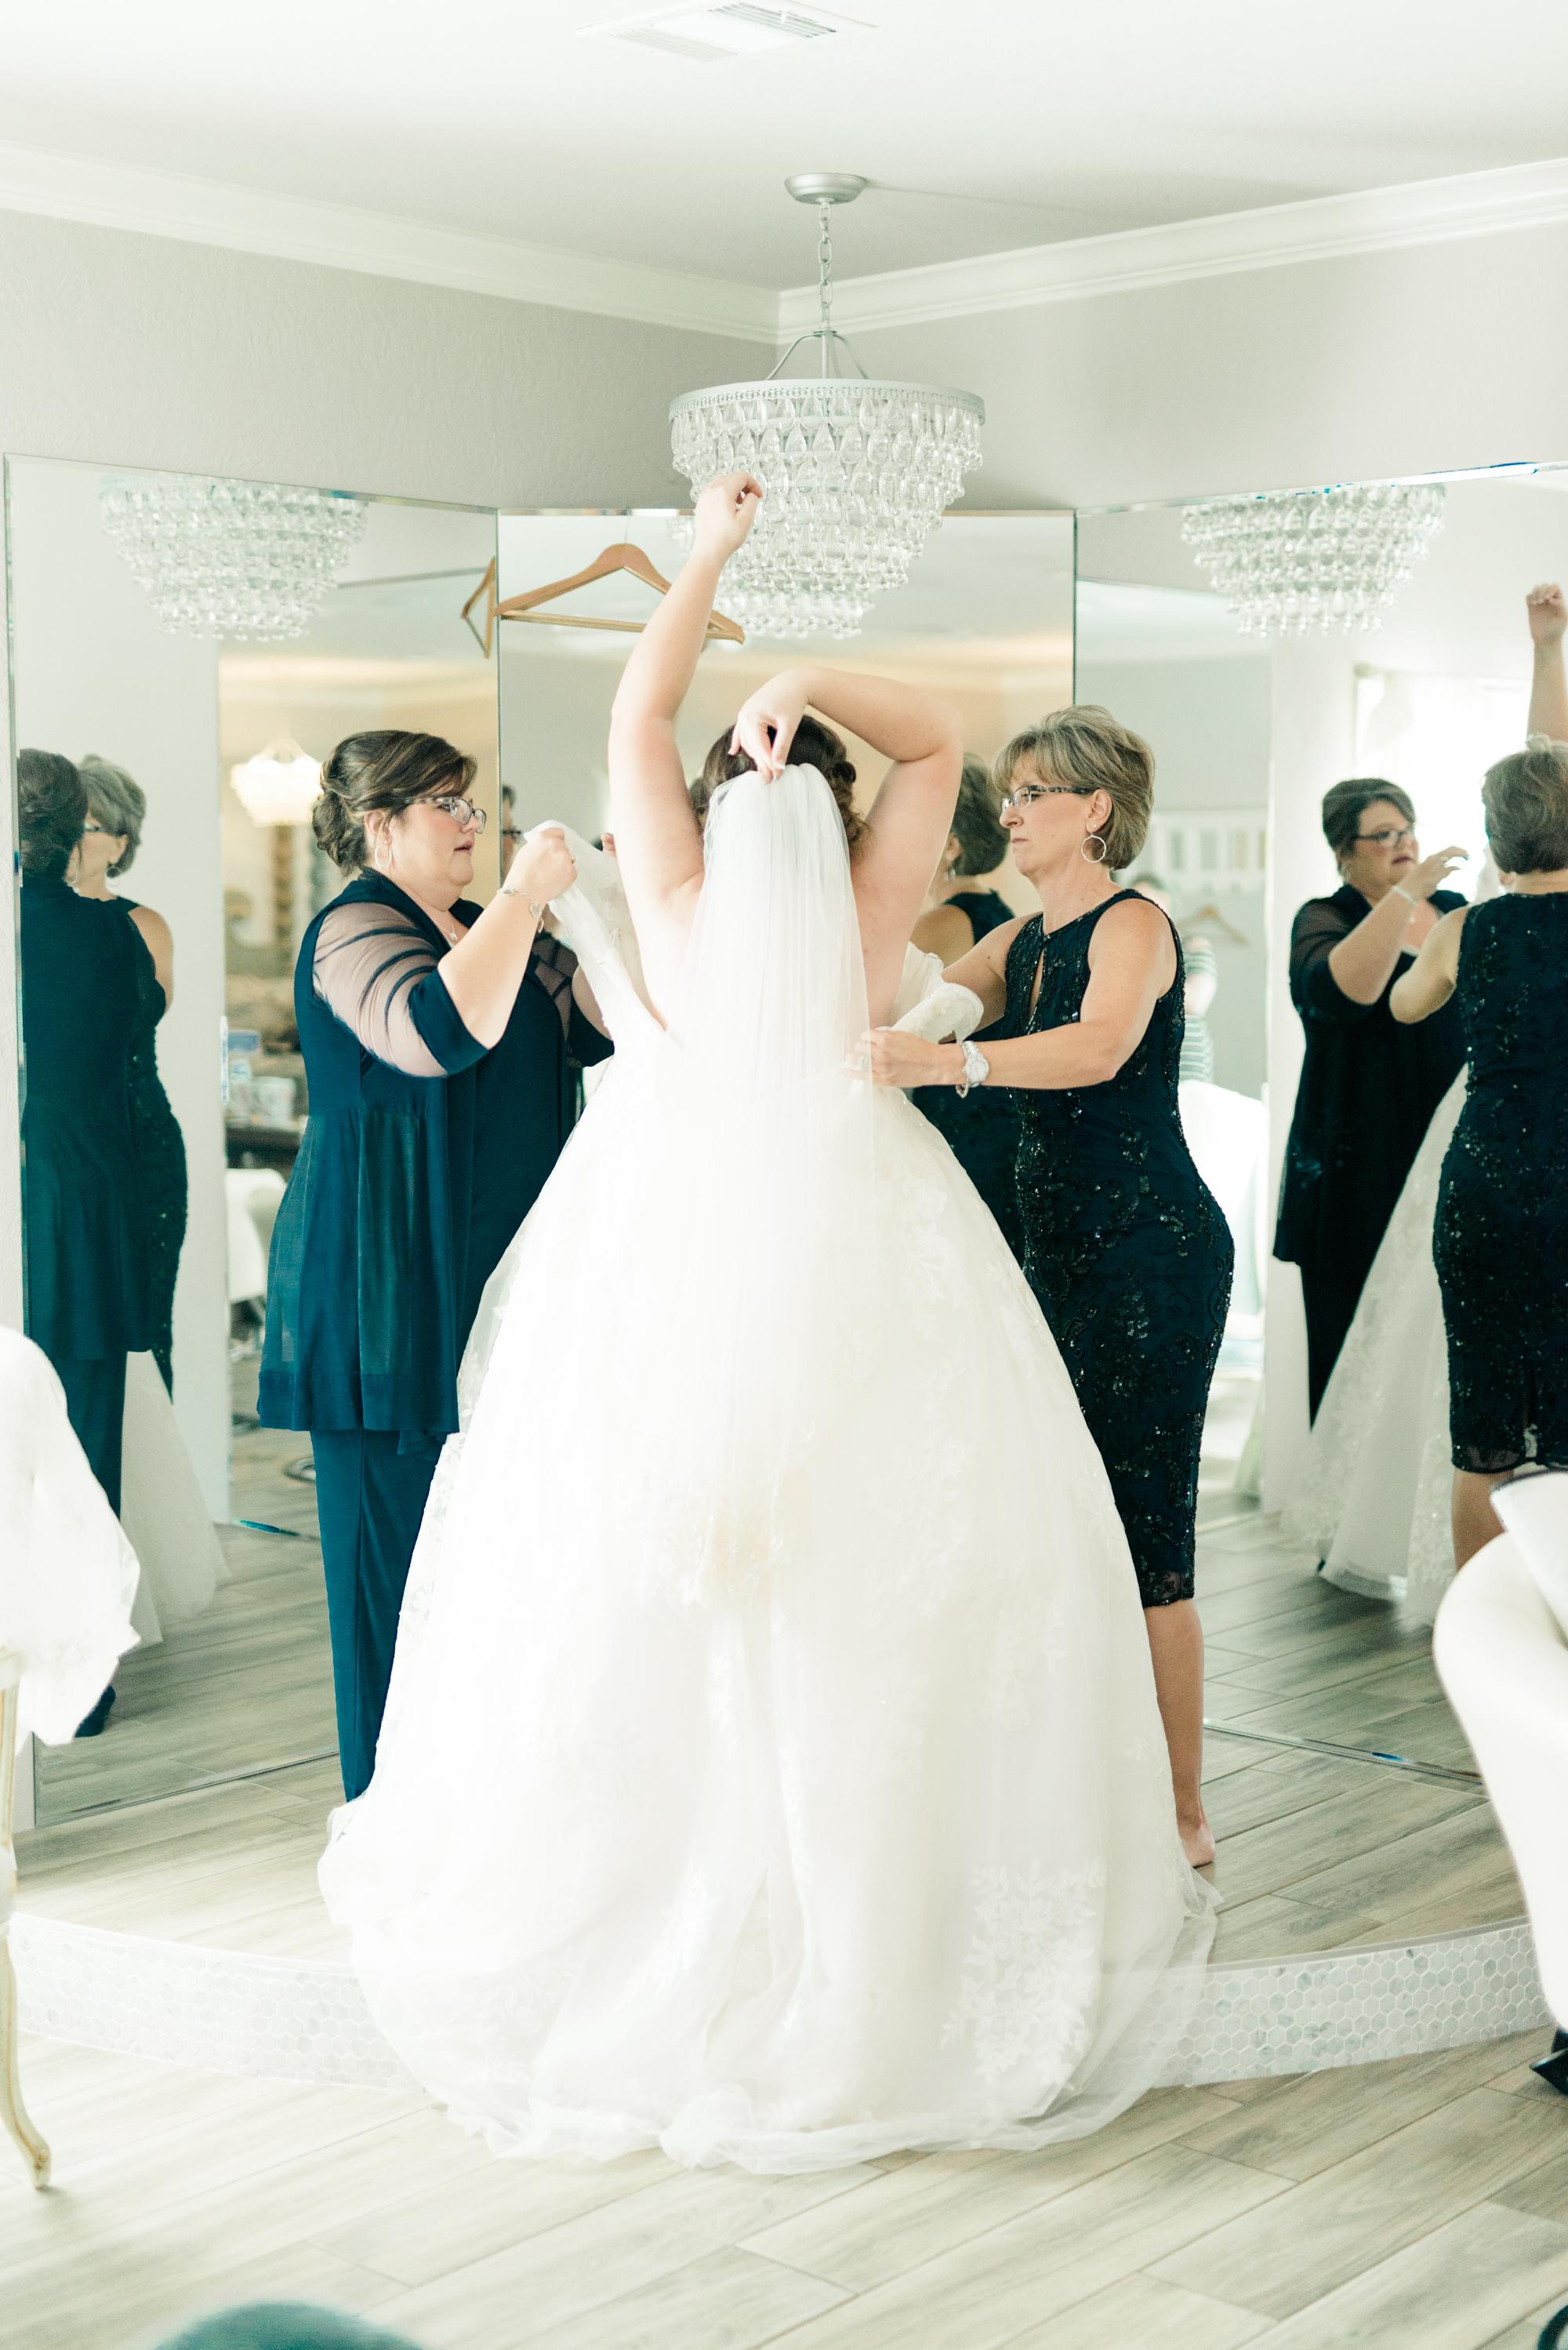 Wesley-Wedding-Ten23-Photography-153.jpg